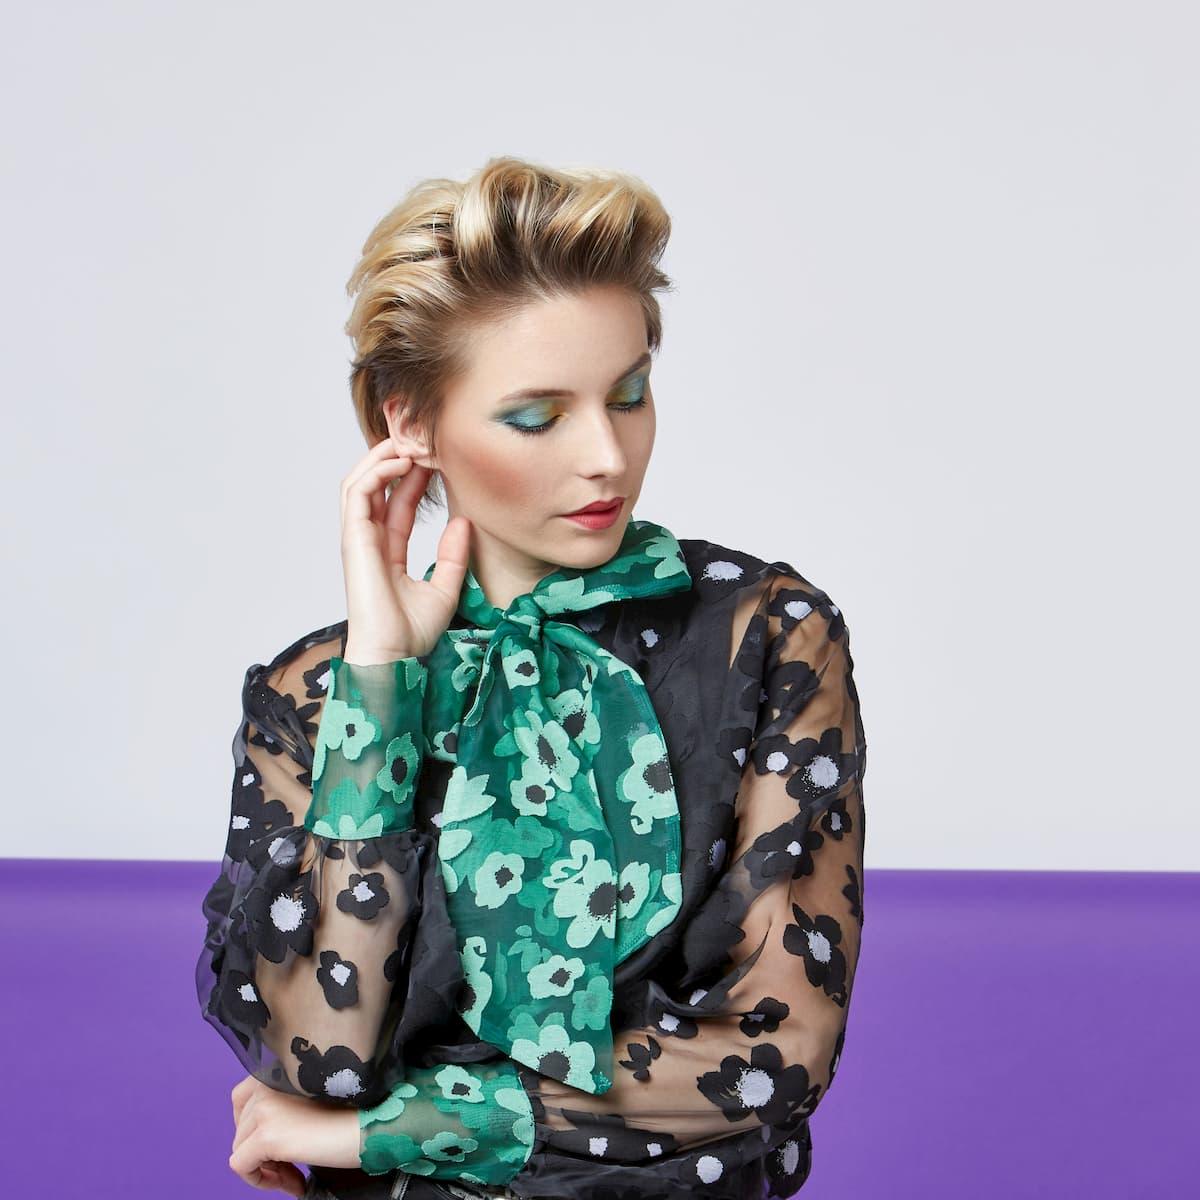 Frisuren-Trends 2021 im Winter - Frisuren für kurze Haare